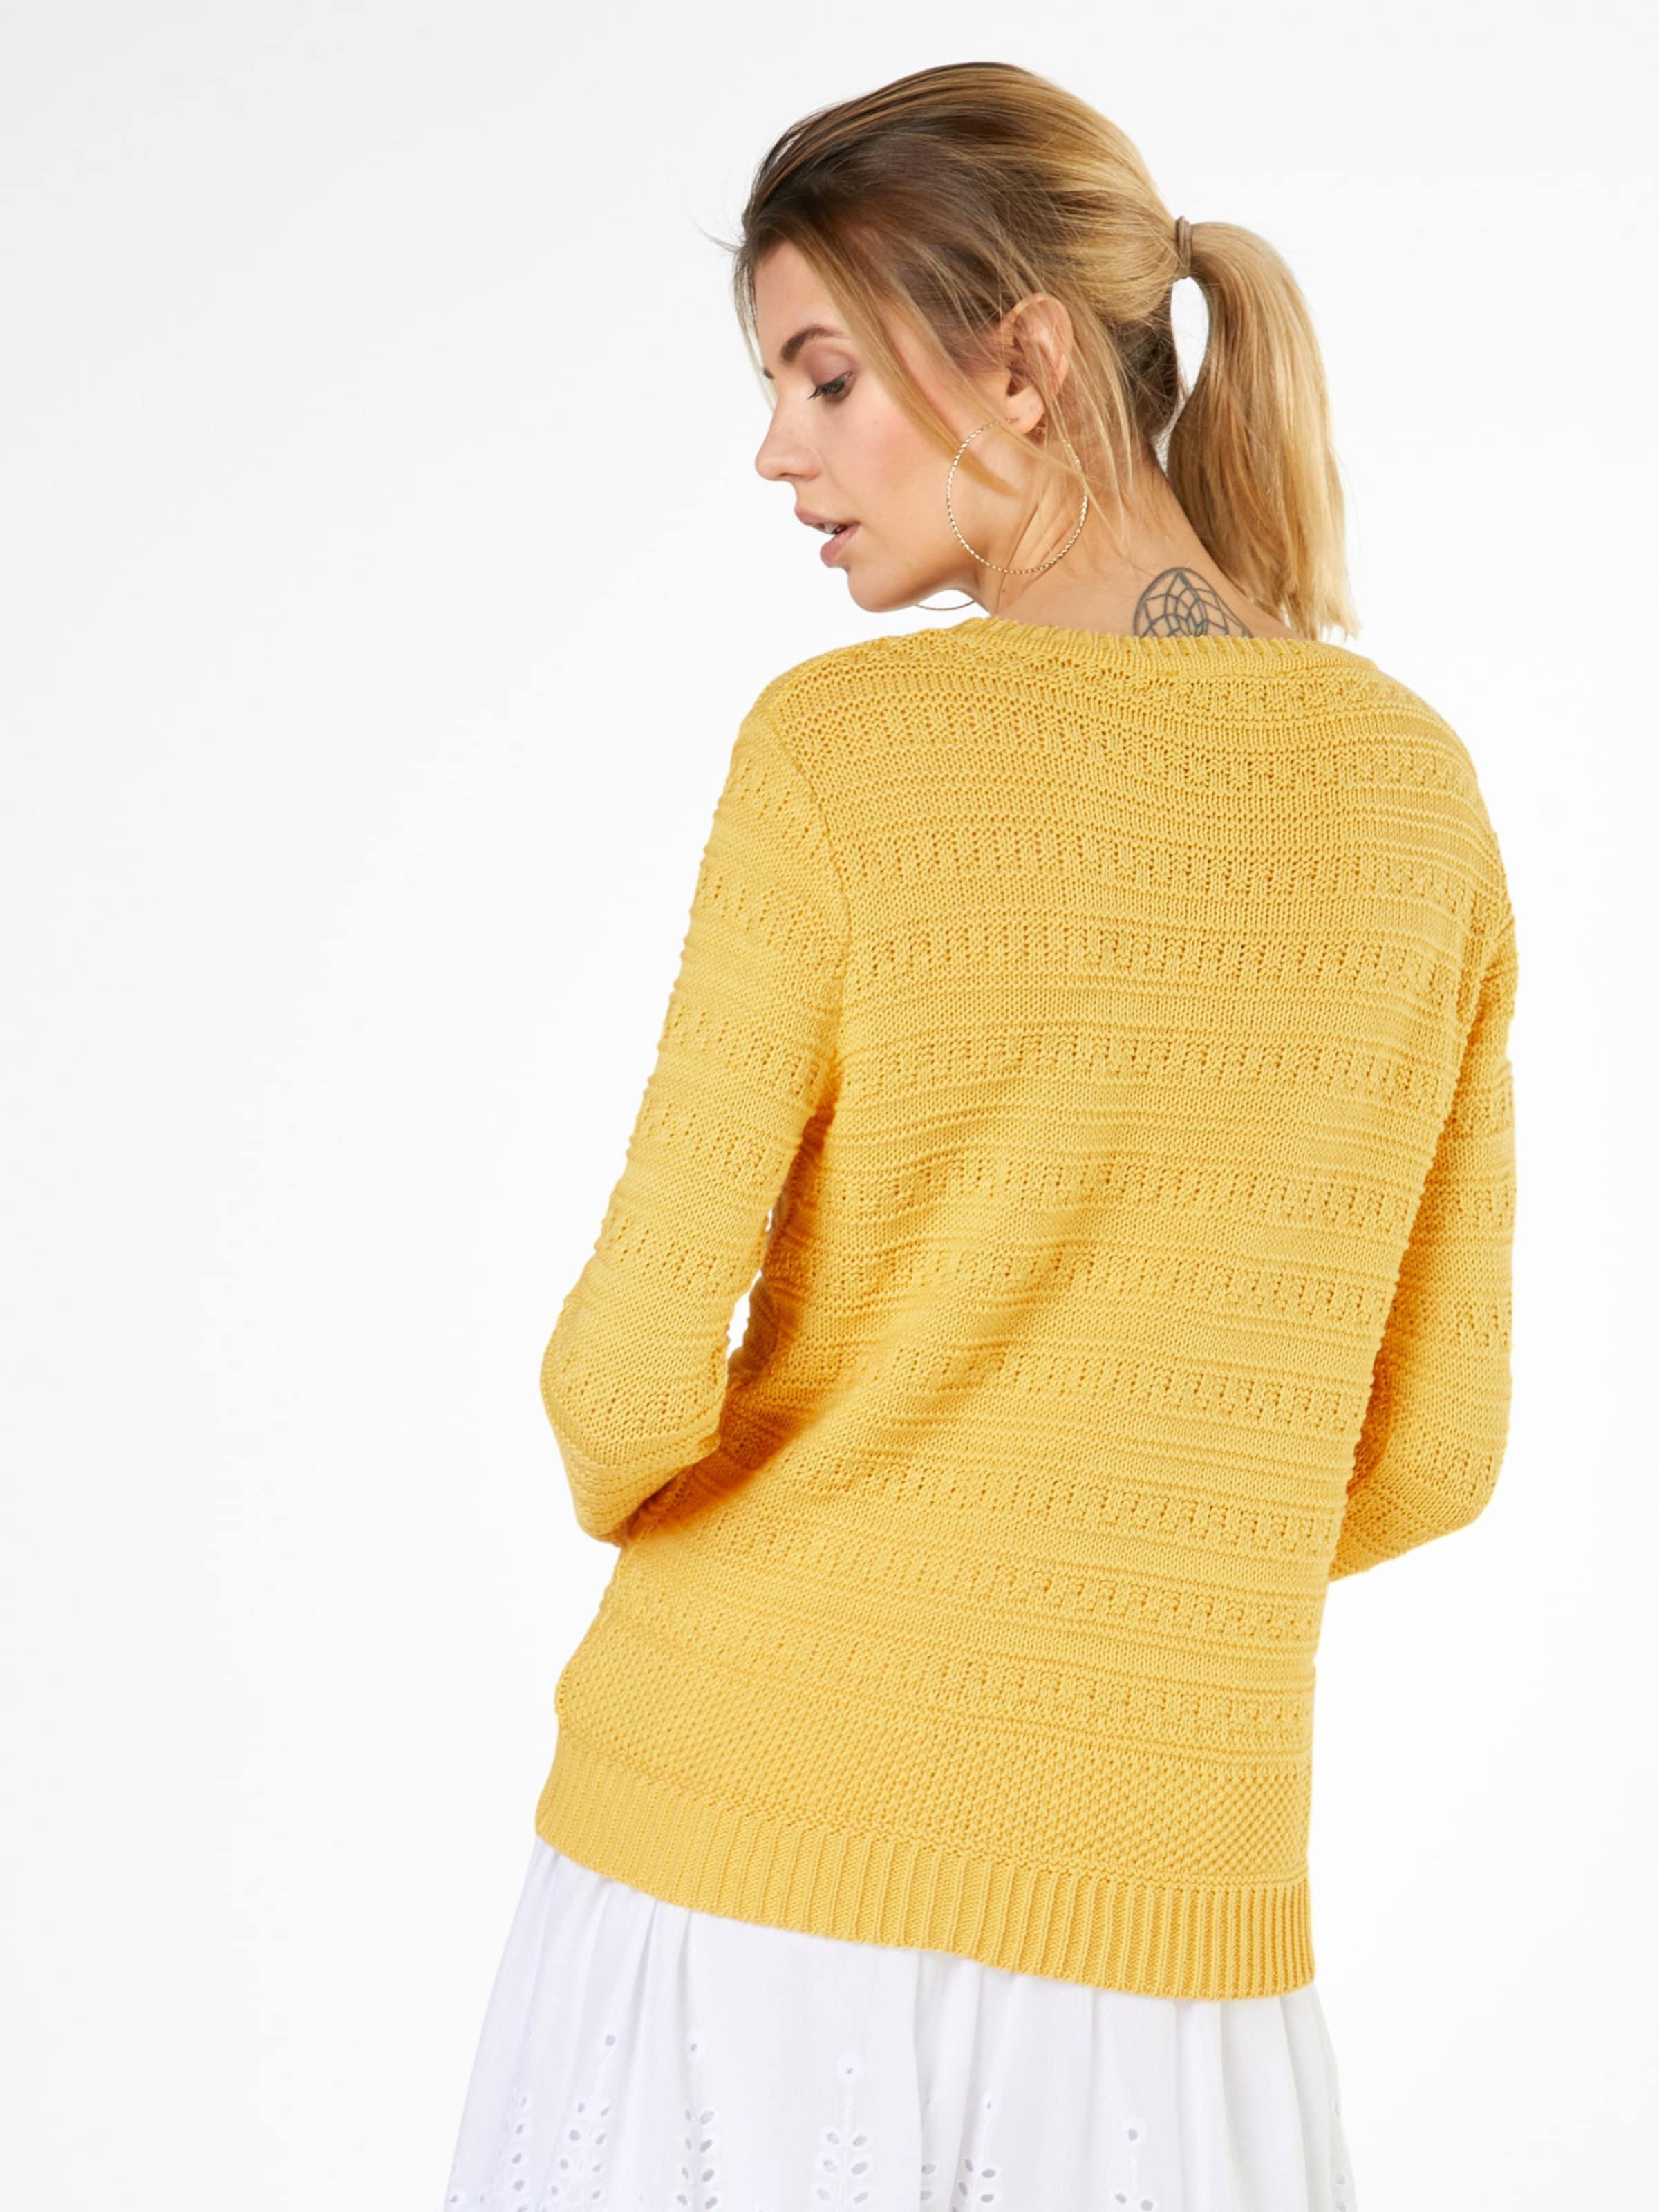 ABOUT YOU Pullover 'Nicky' Günstig Kaufen Spielraum Store Exklusiv Günstig Kaufen Wahl gHm4W0